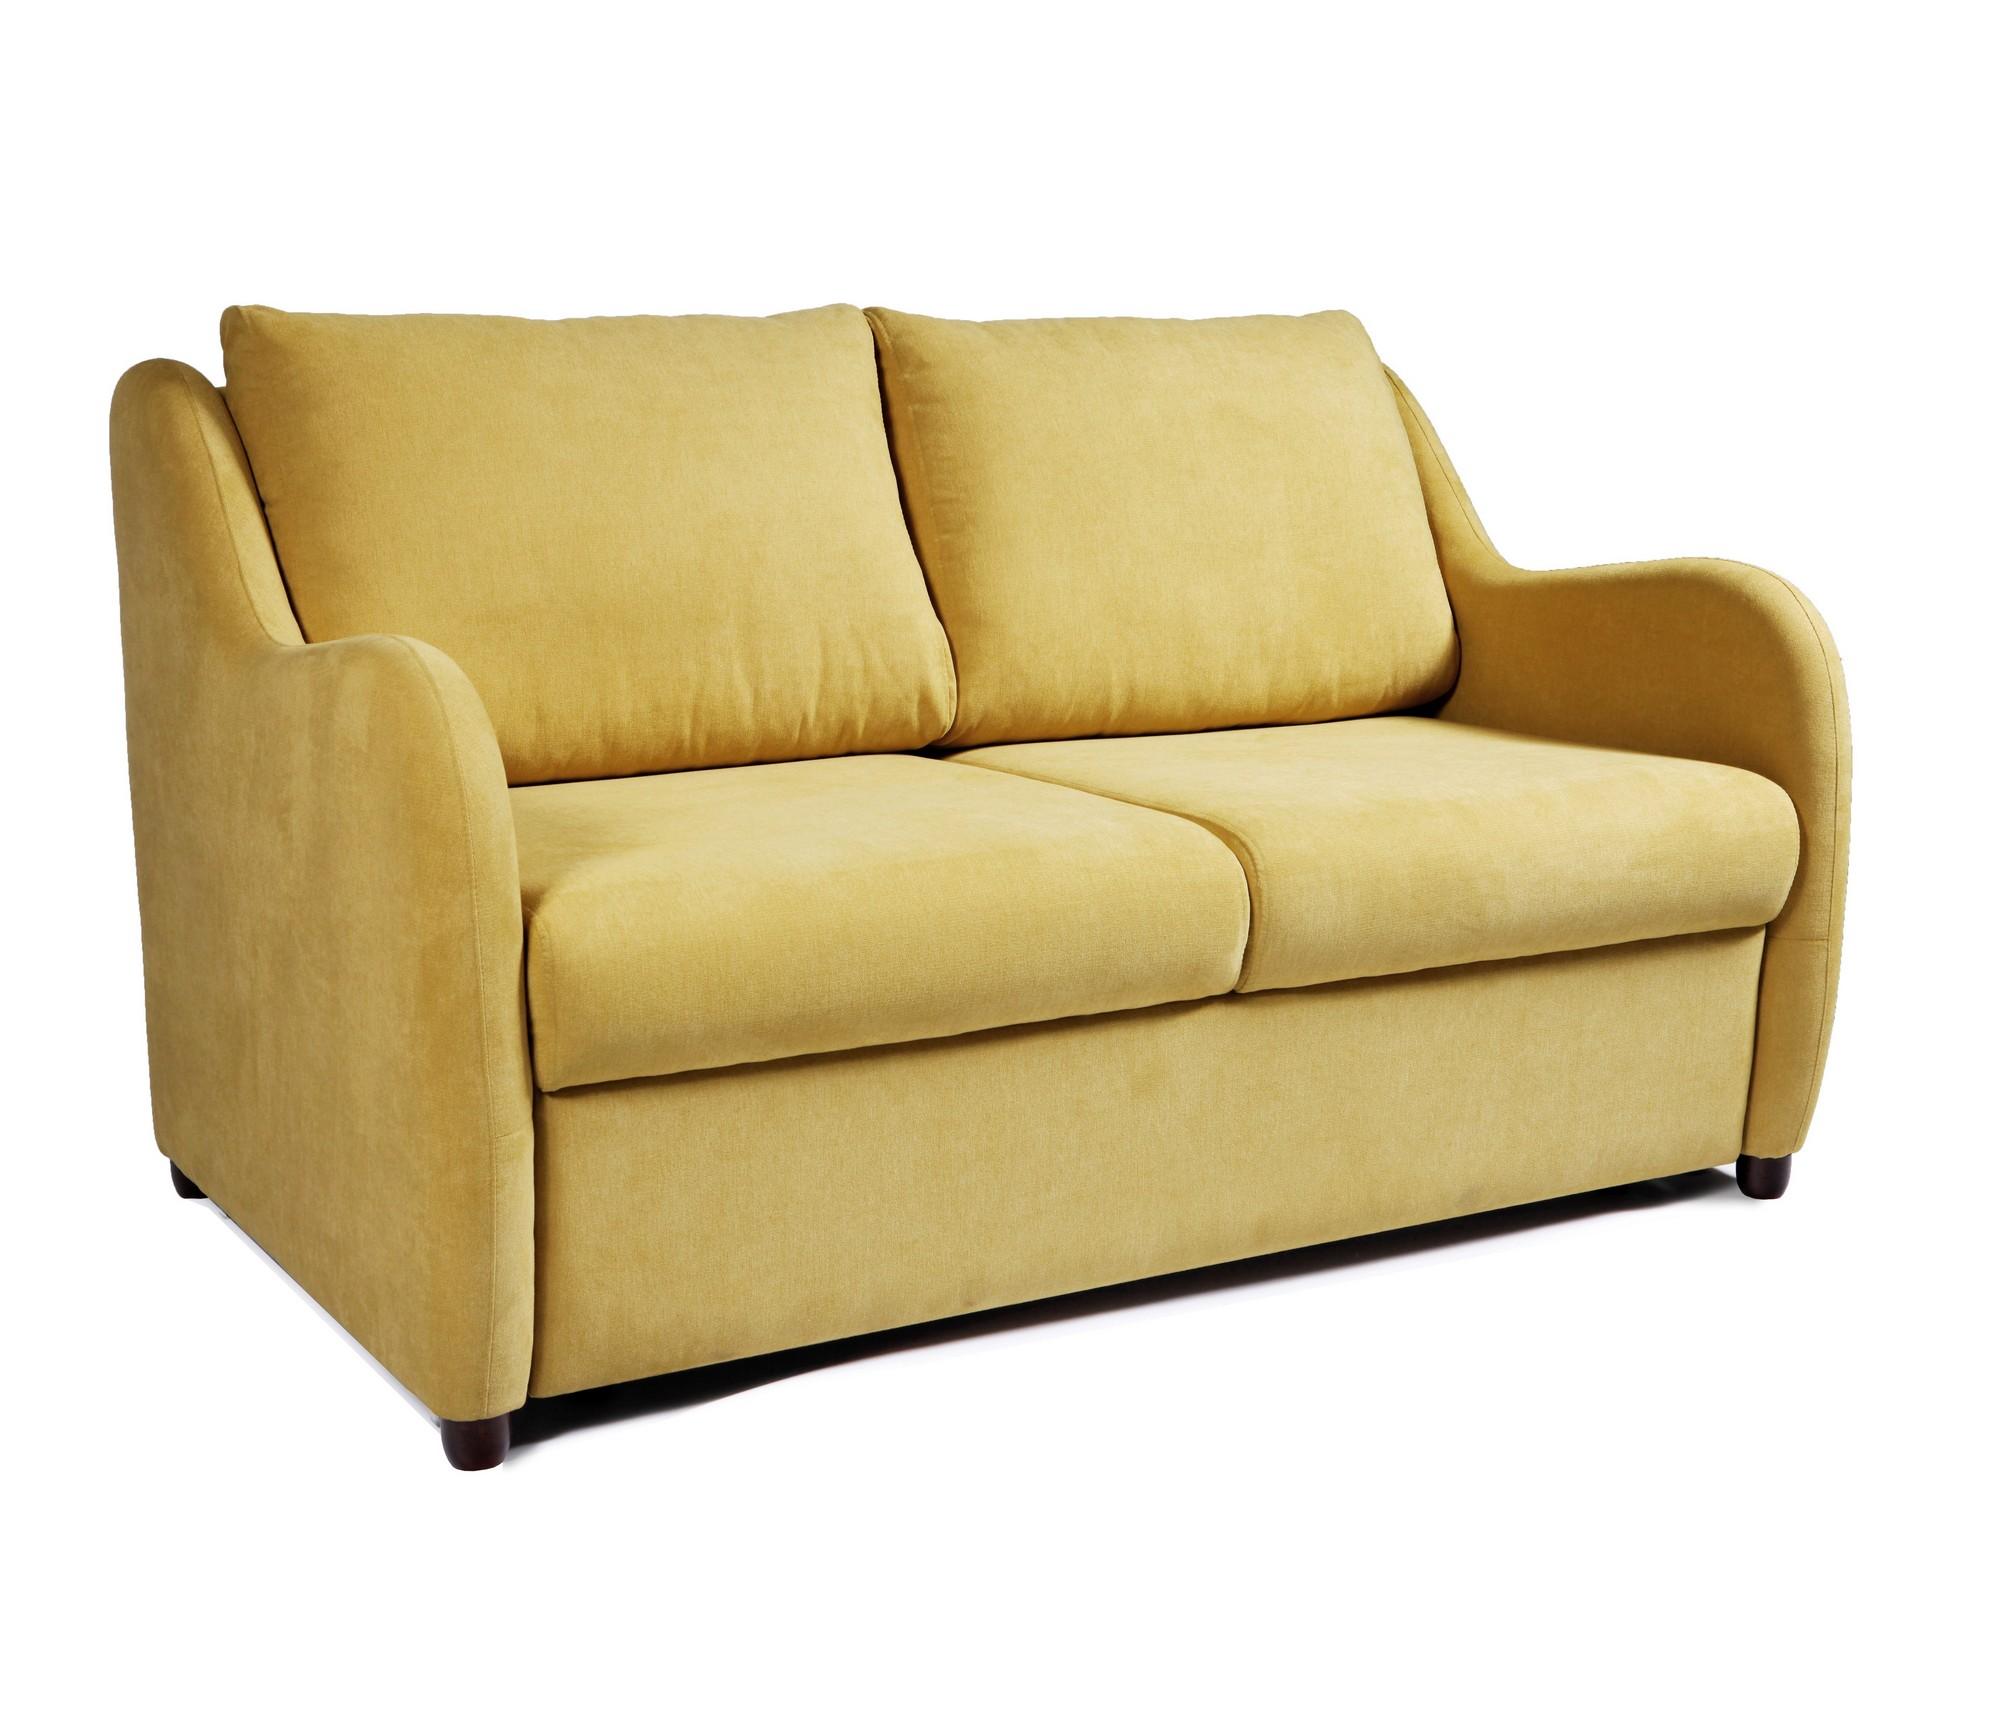 Myfurnish диван Universal 380098 купить в москве в интернет